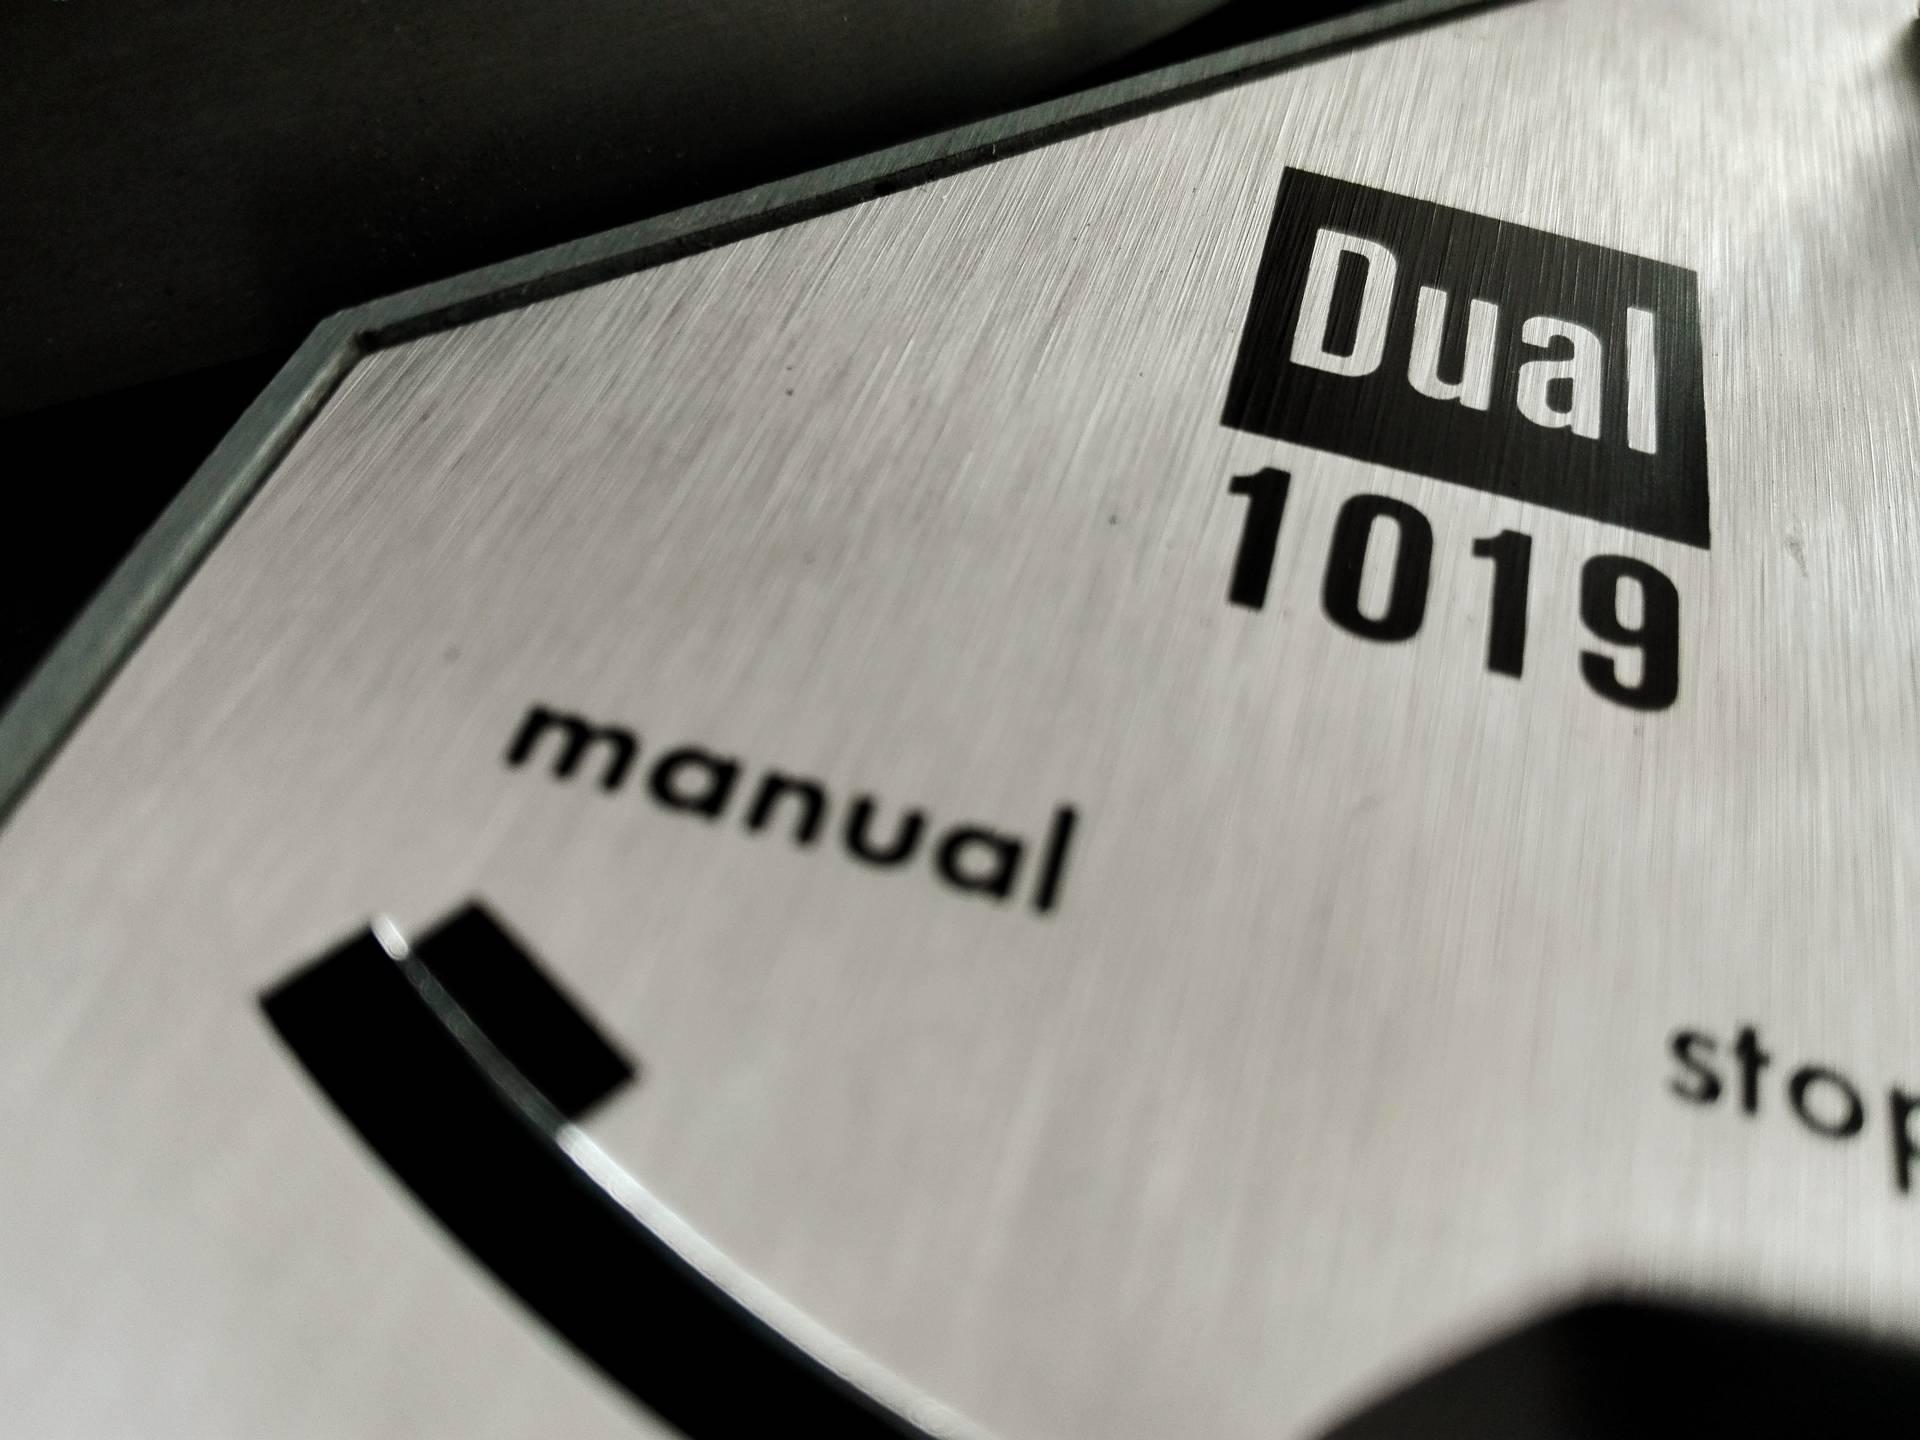 naprawa gramofonu dual 1019